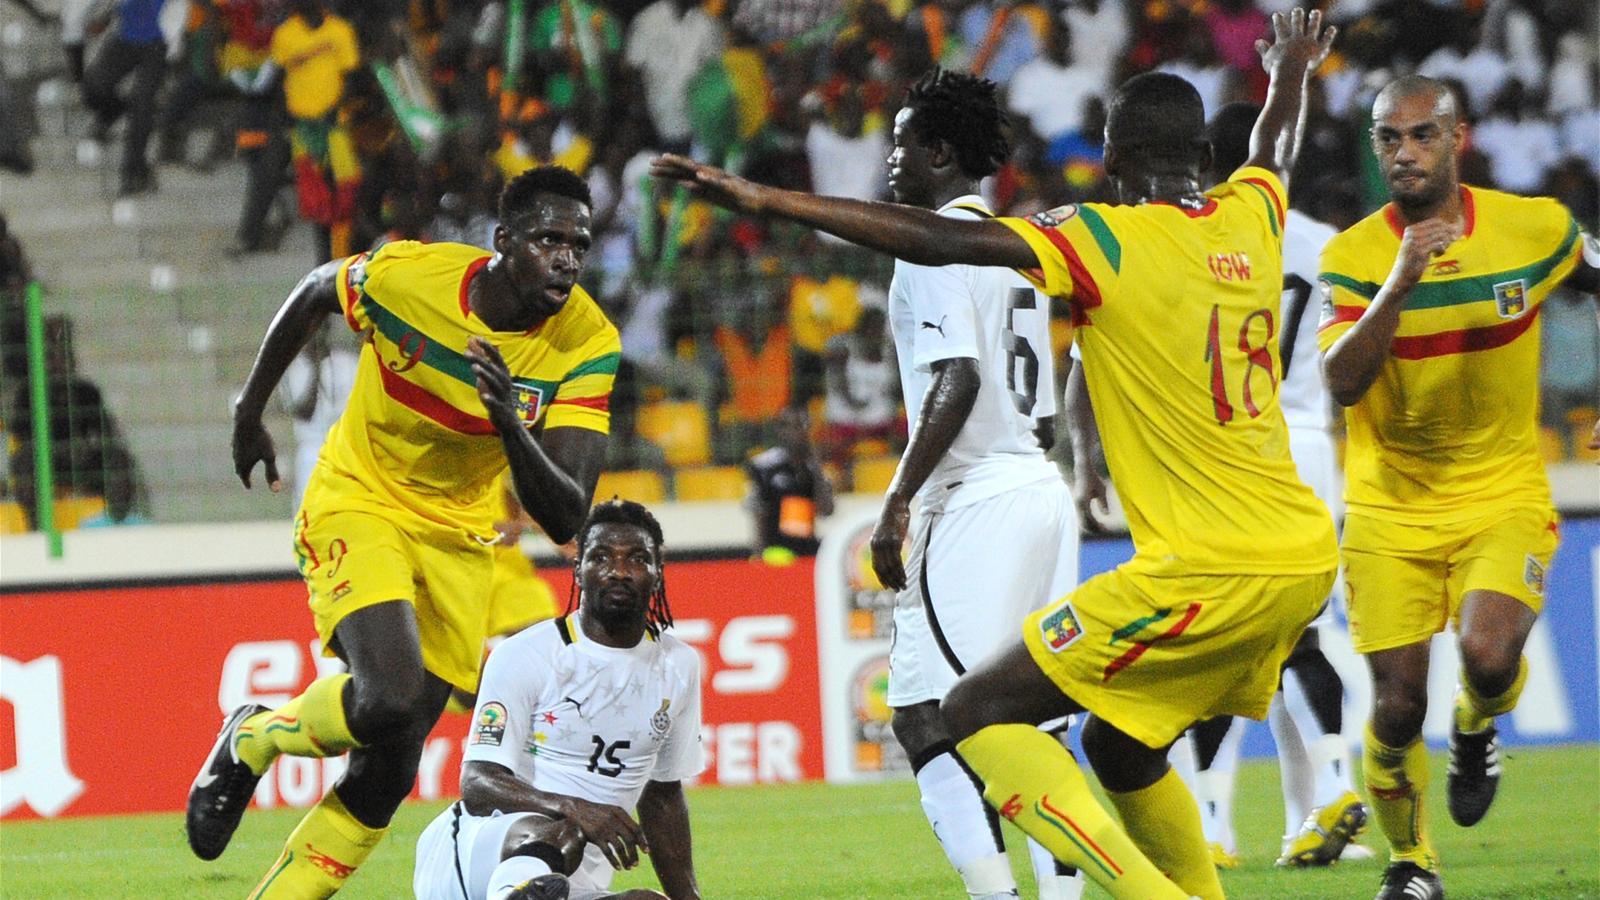 Le mali sur le podium coupe d 39 afrique des nations 2012 - Regarder la coupe d afrique en direct ...